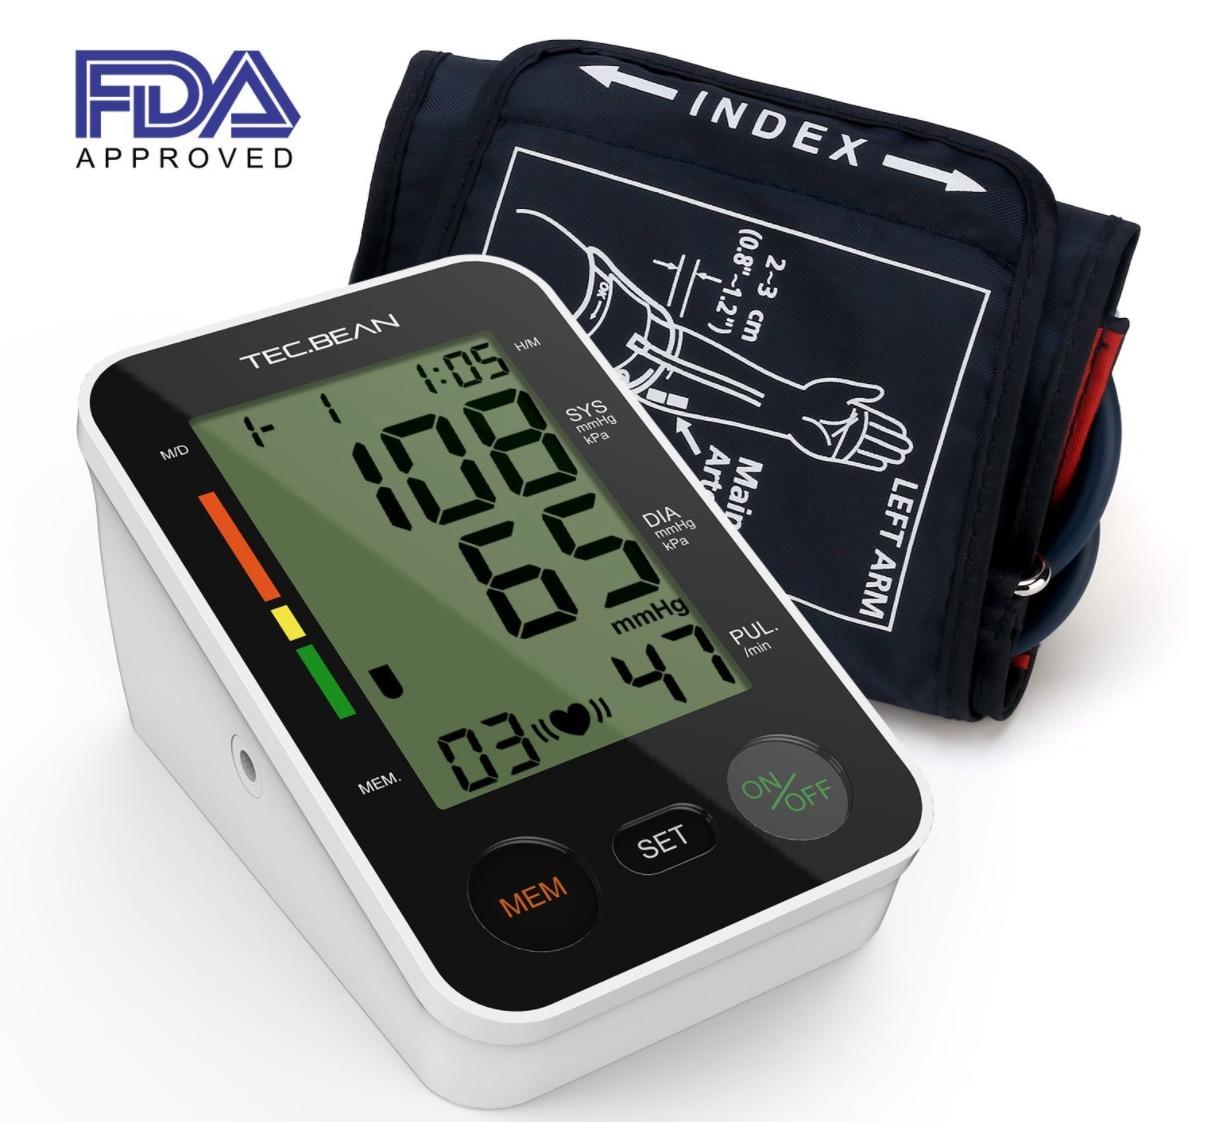 TEC.BEAN Blutdruckmessgerät mit Herzfrequenz-Erkennung für nur 23,99 Euro